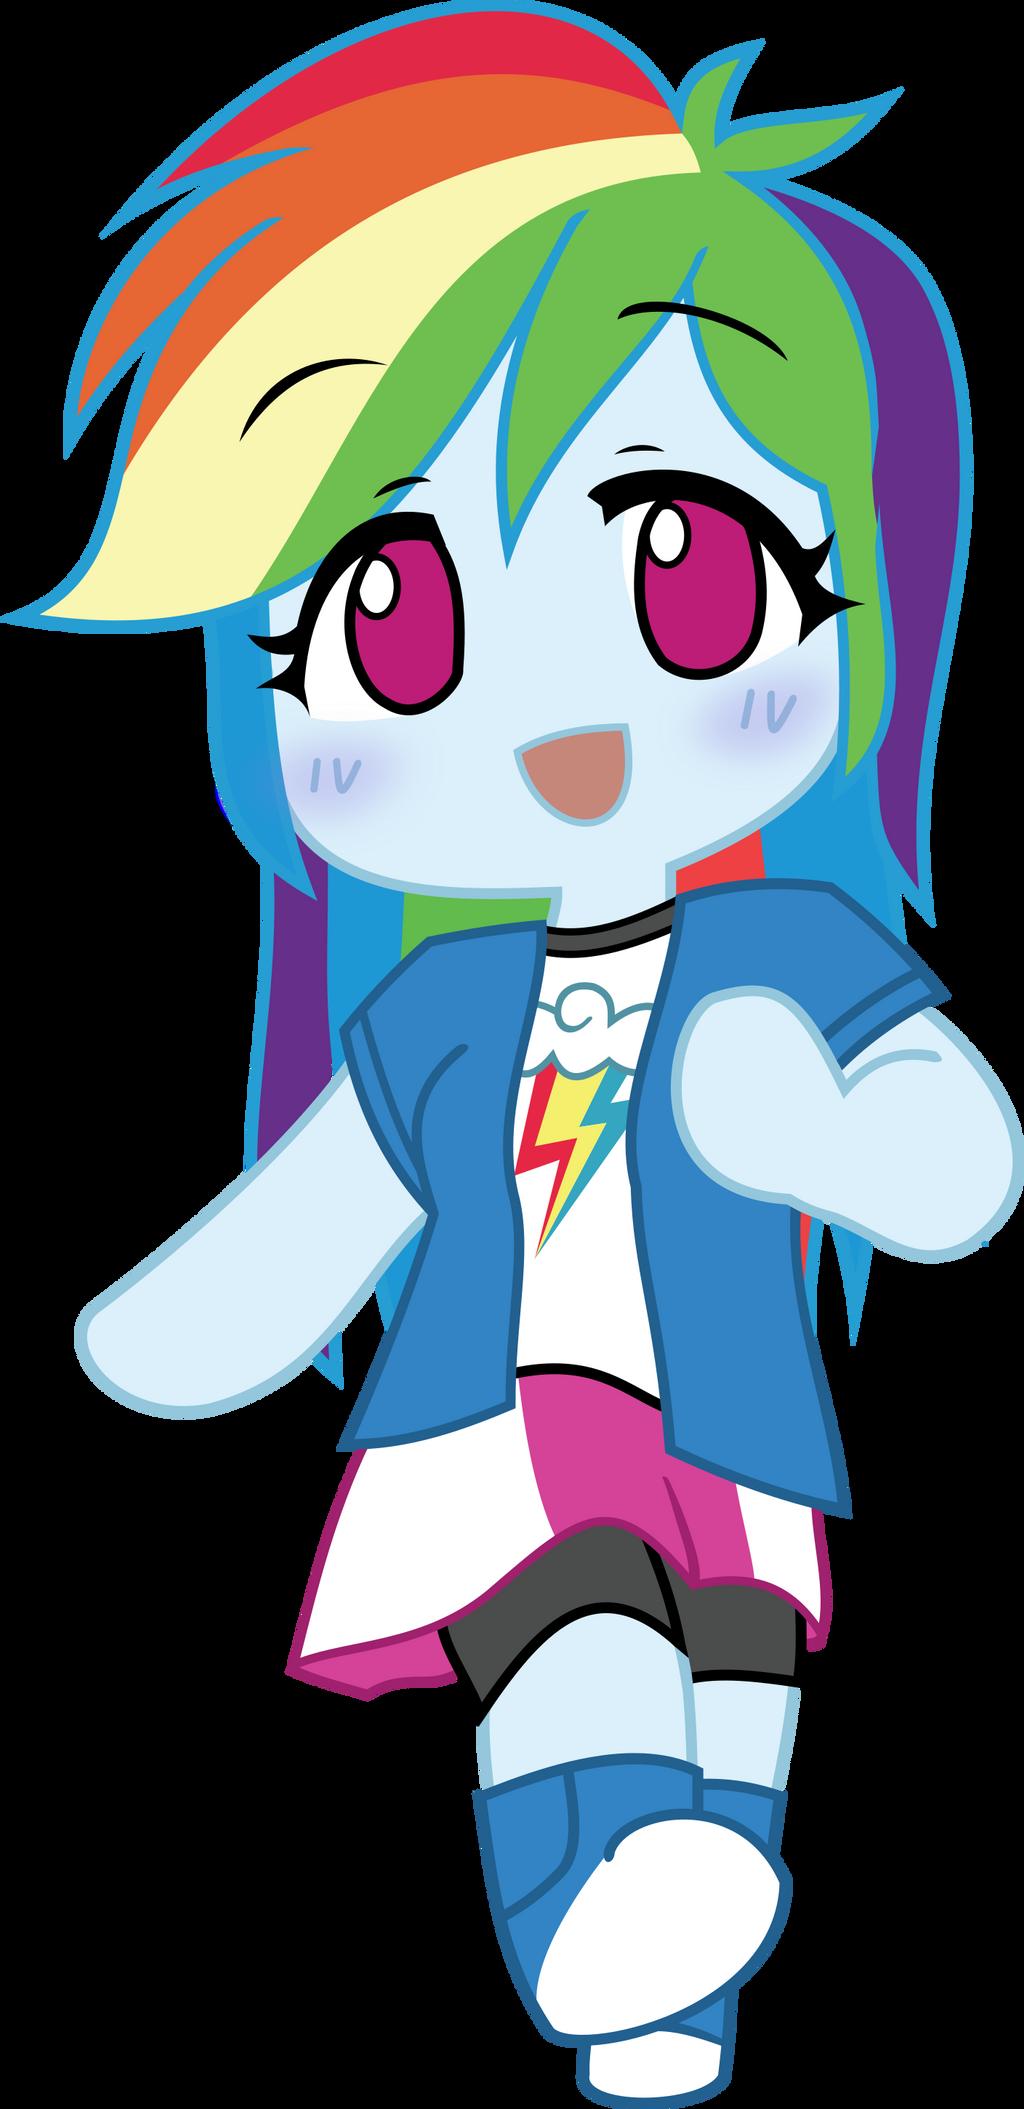 Rainbow Dash Mio Honda Meme By Adammasterart On Deviantart